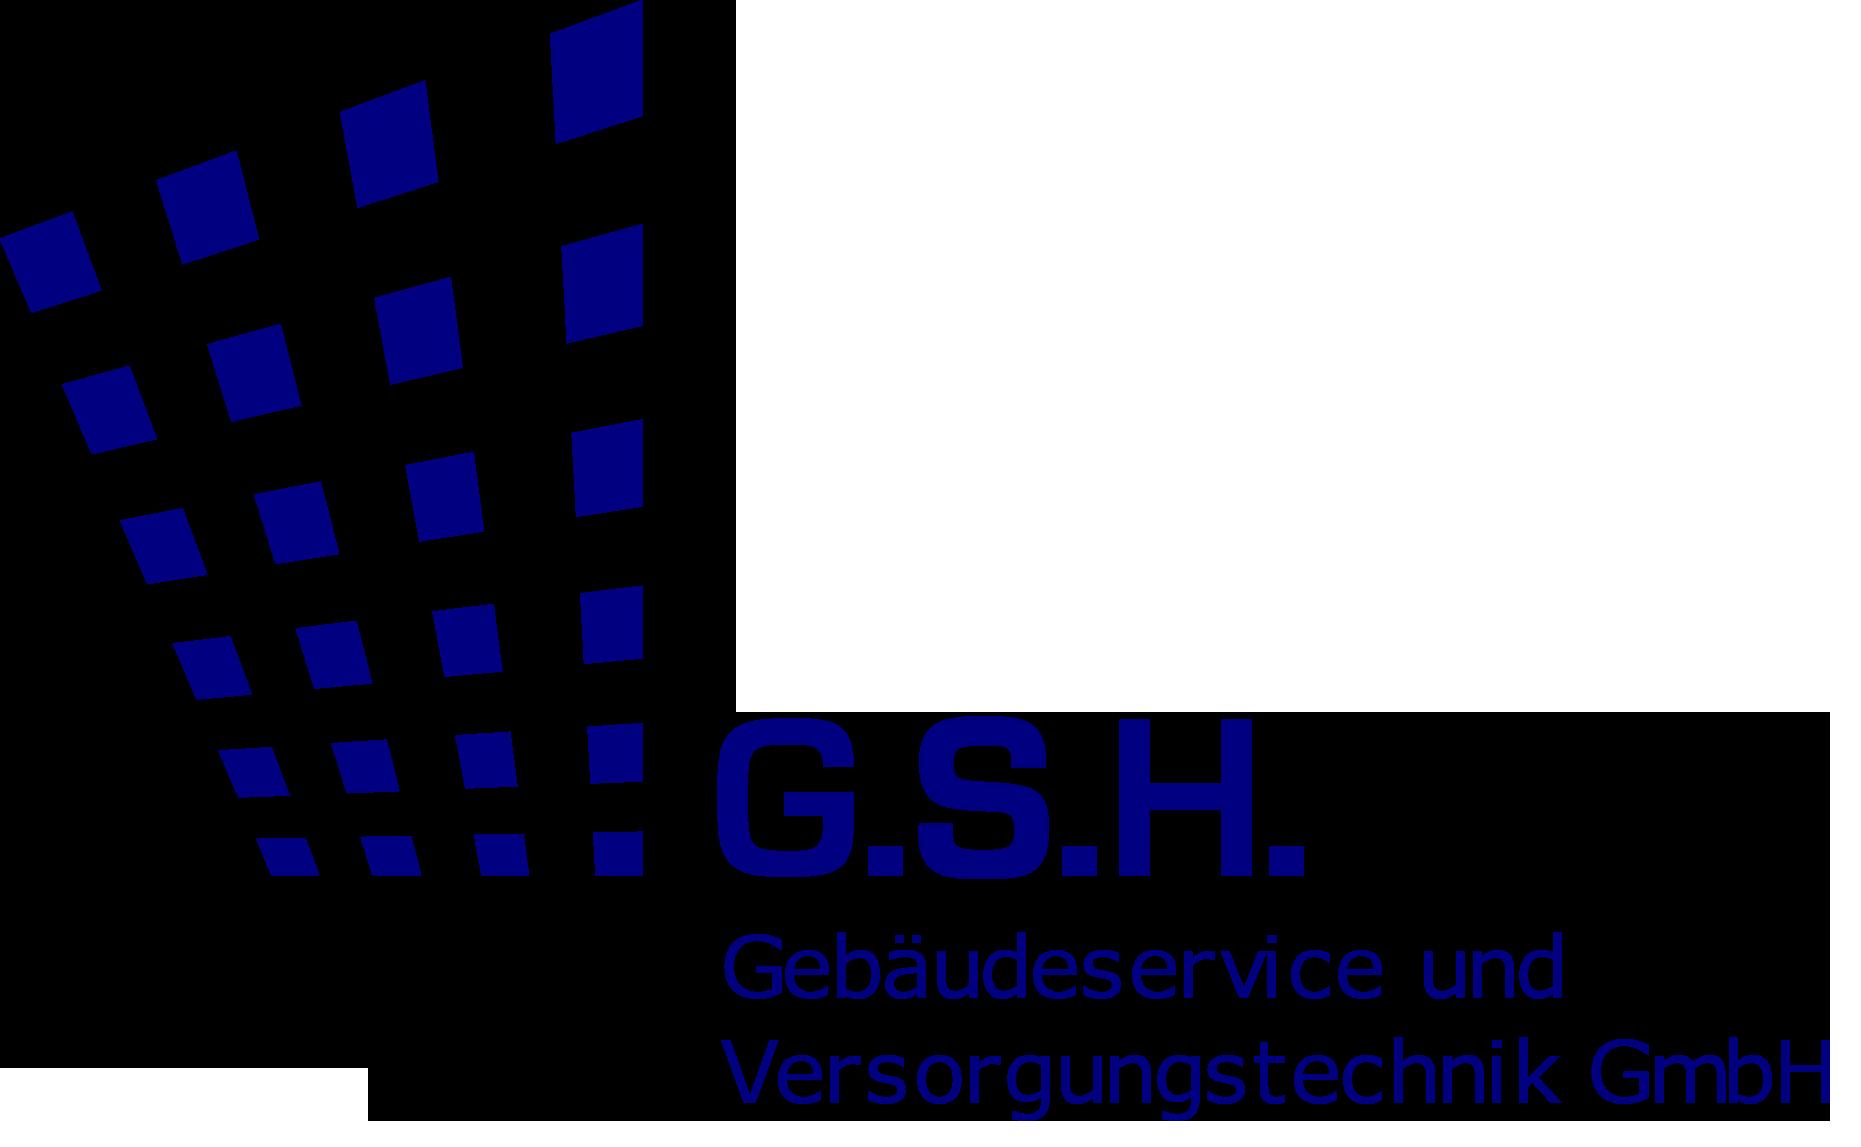 G.S.H. - Dienstleistungen der Wohnungswirtschaft in Berlin